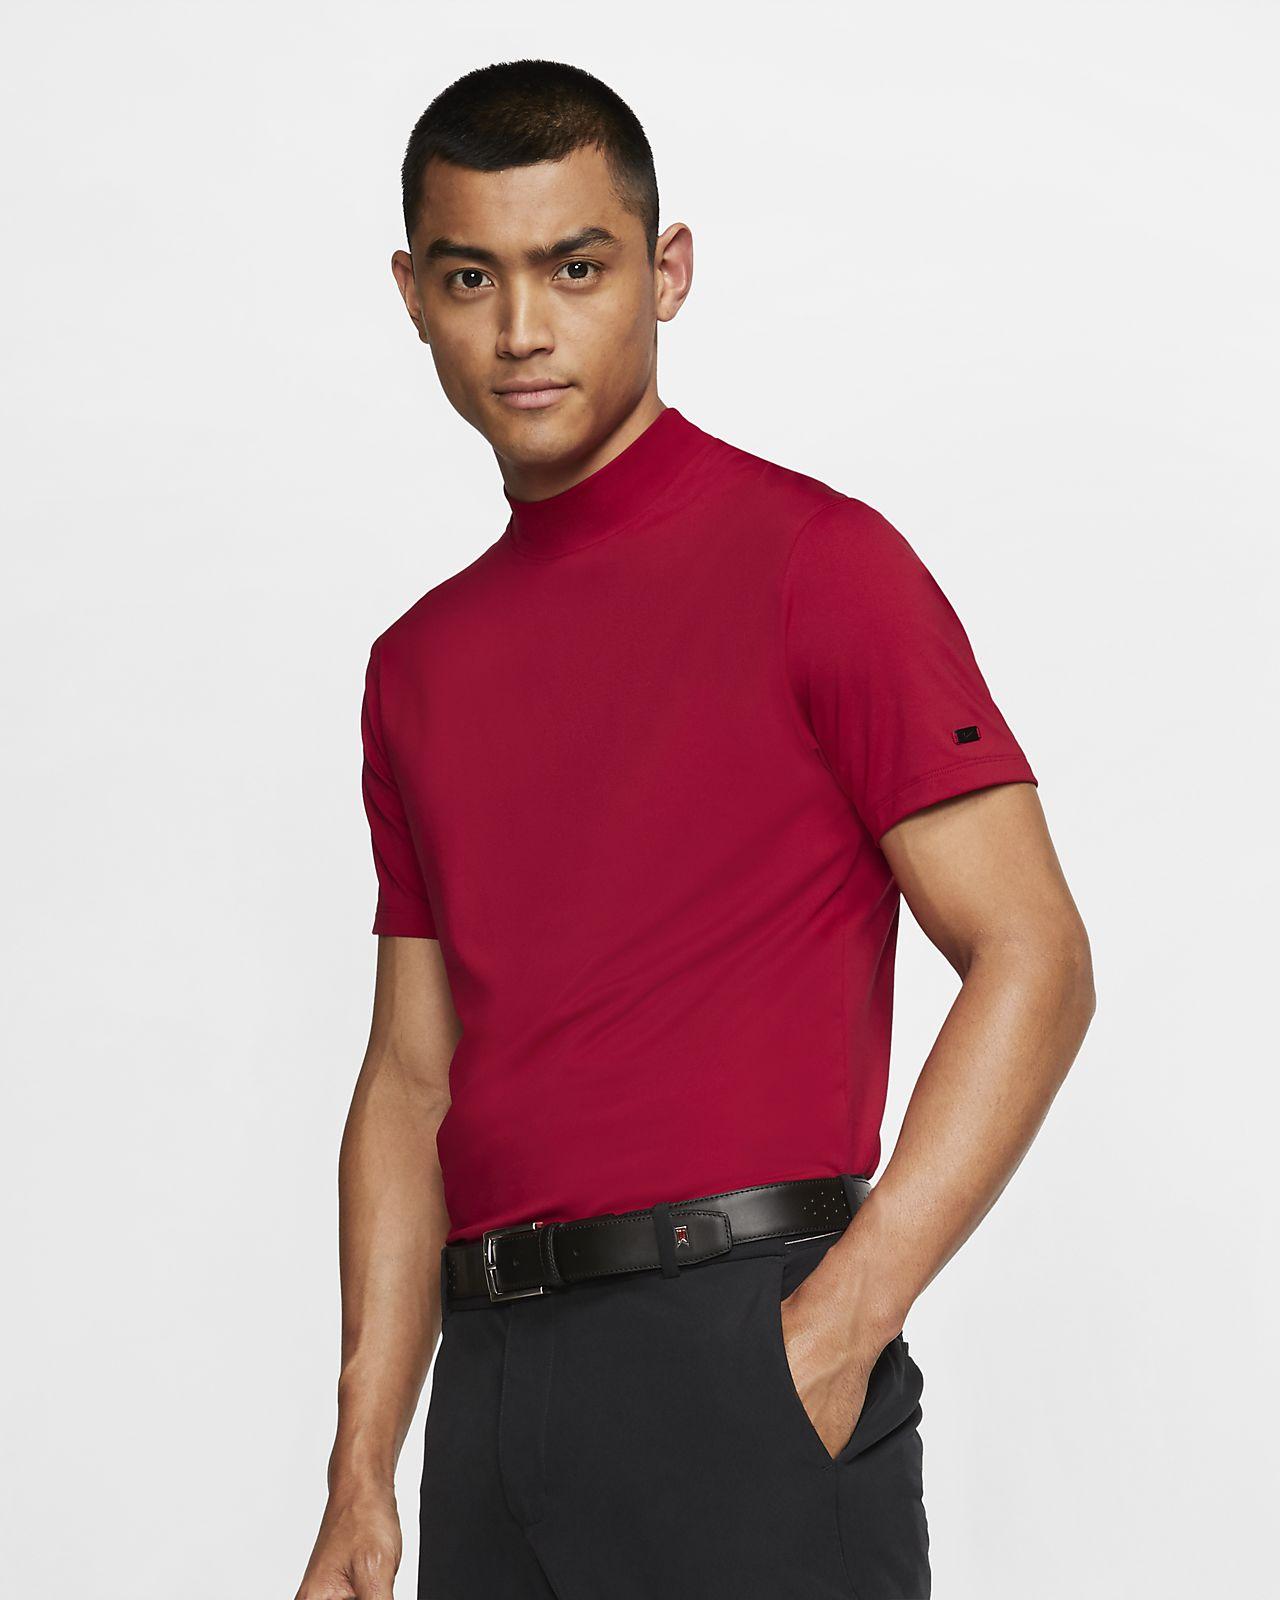 Prenda para la parte superior de golf con cuello alto para hombre Nike Dri-FIT Tiger Woods Vapor